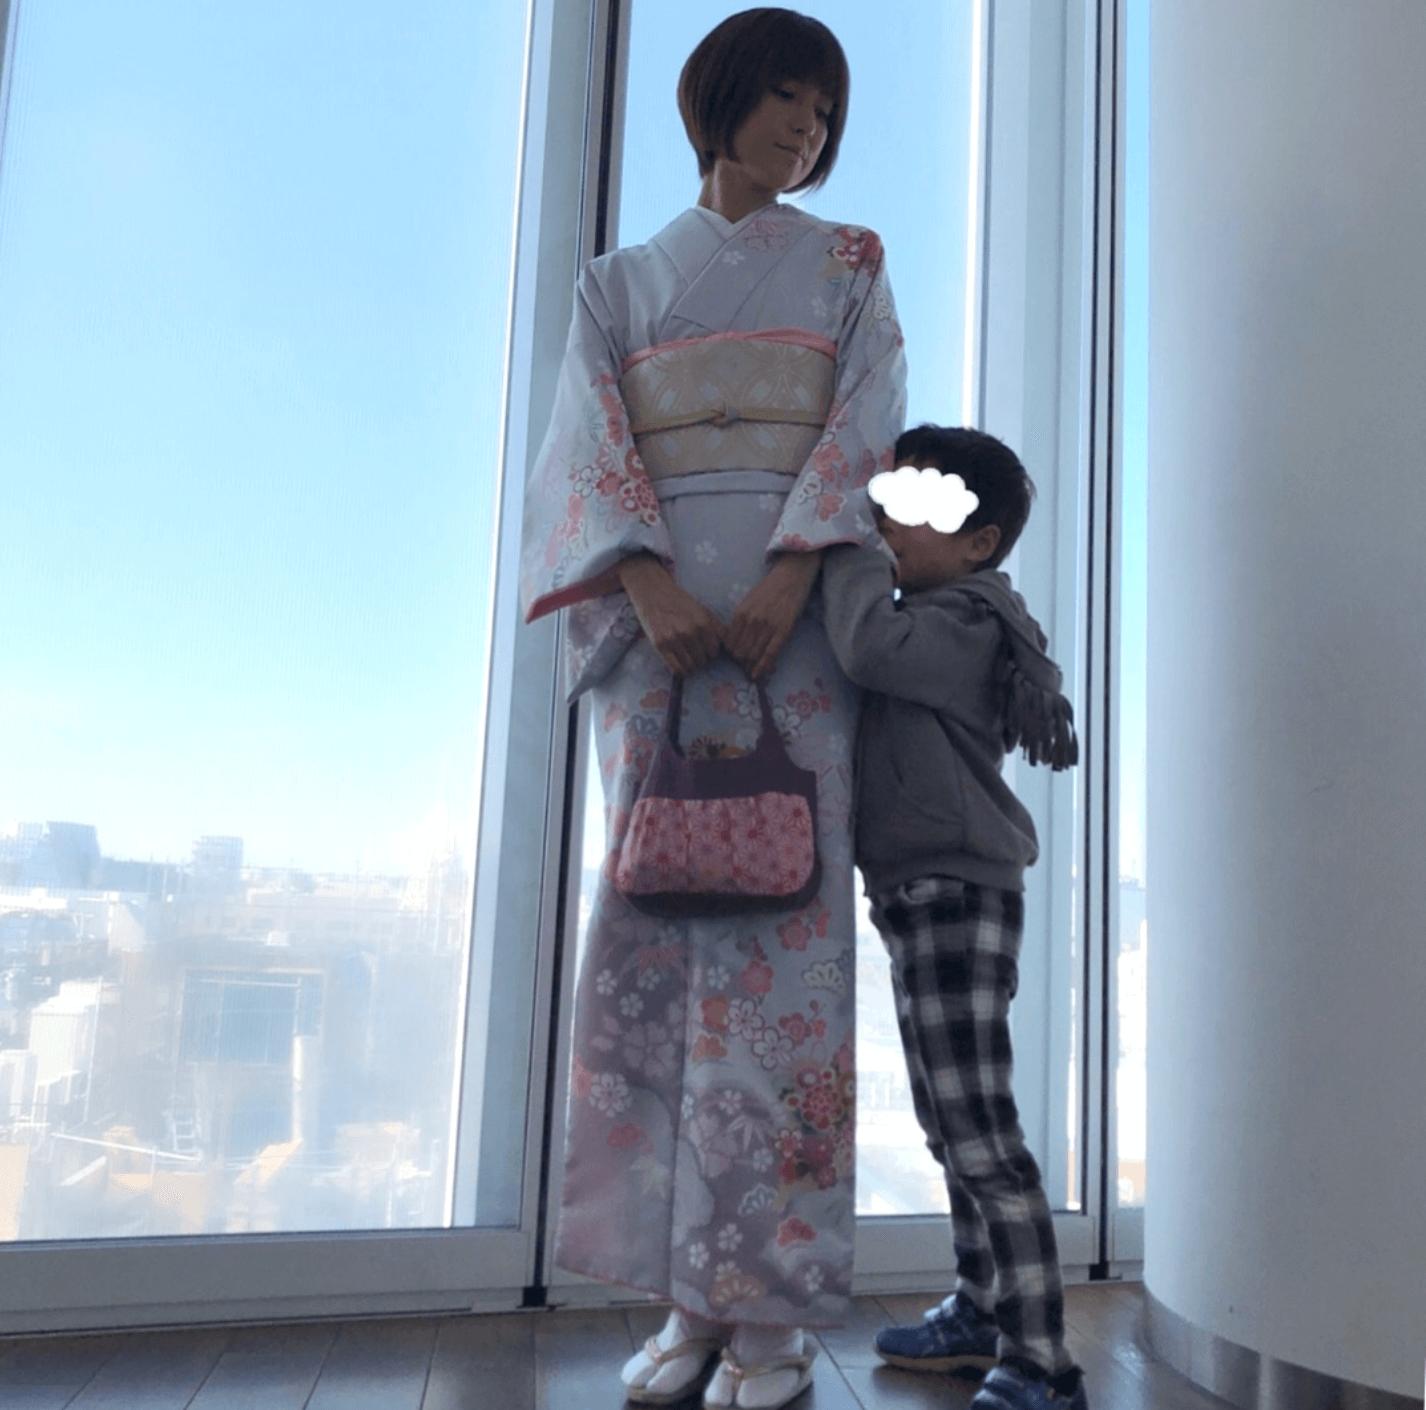 hitomi、着物姿で5歳長男との七五三2ショットを公開「苦しいけど…気分は上がります」